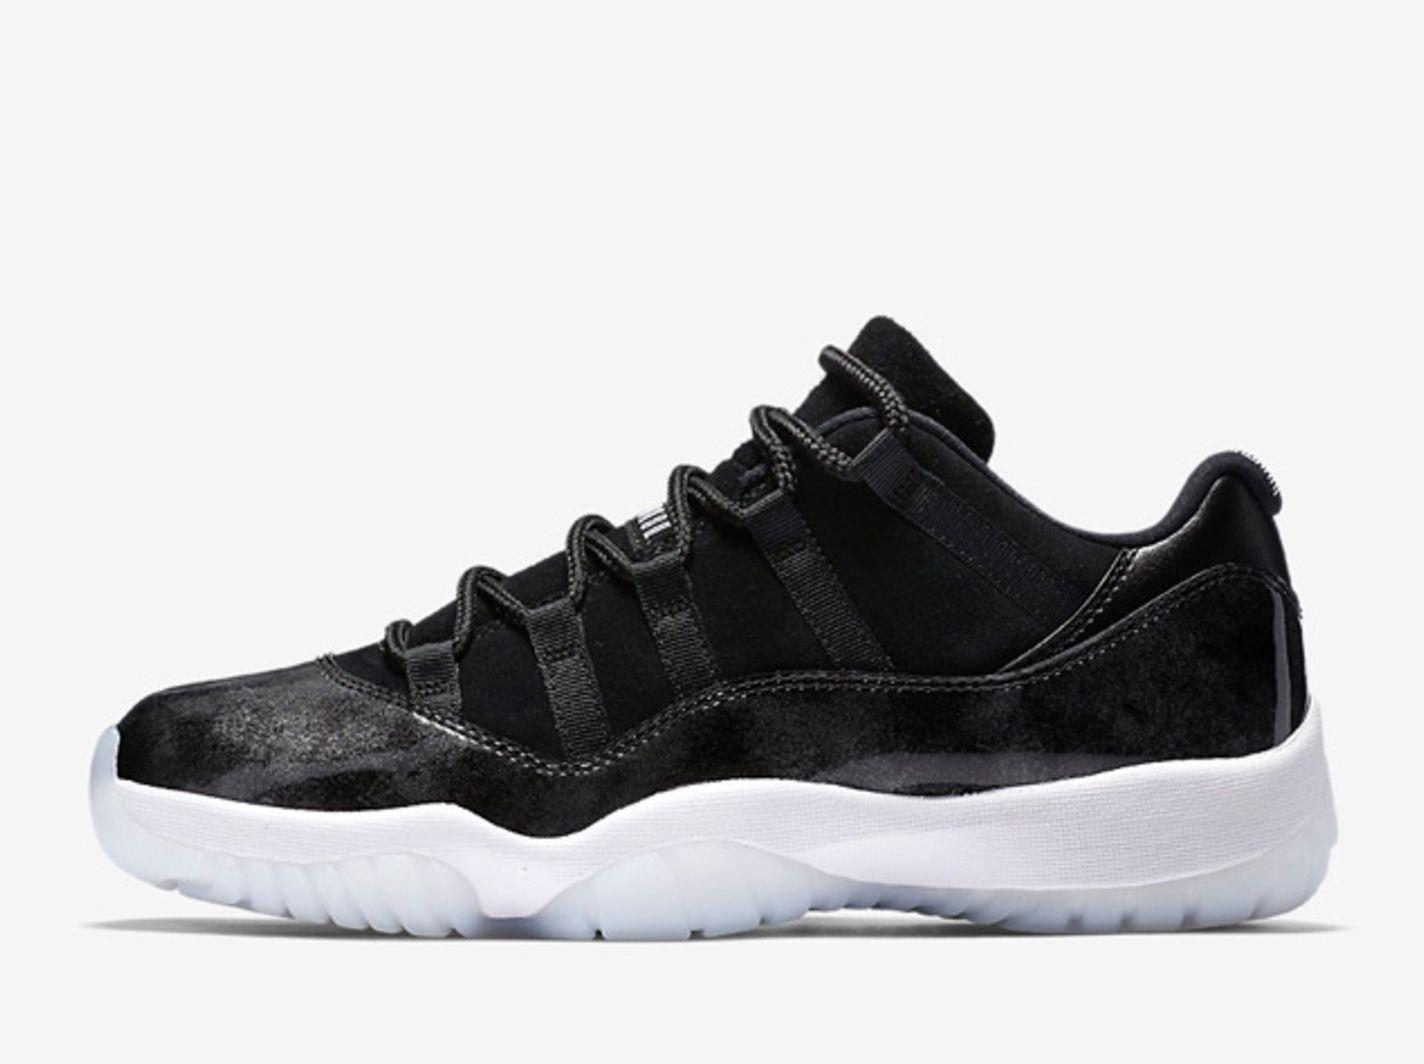 Air Jordan 11 Retro Low Black Metallic Silver Summer 2017 2 Sneakers Men Fashion Air Jordan Shoes Air Jordans